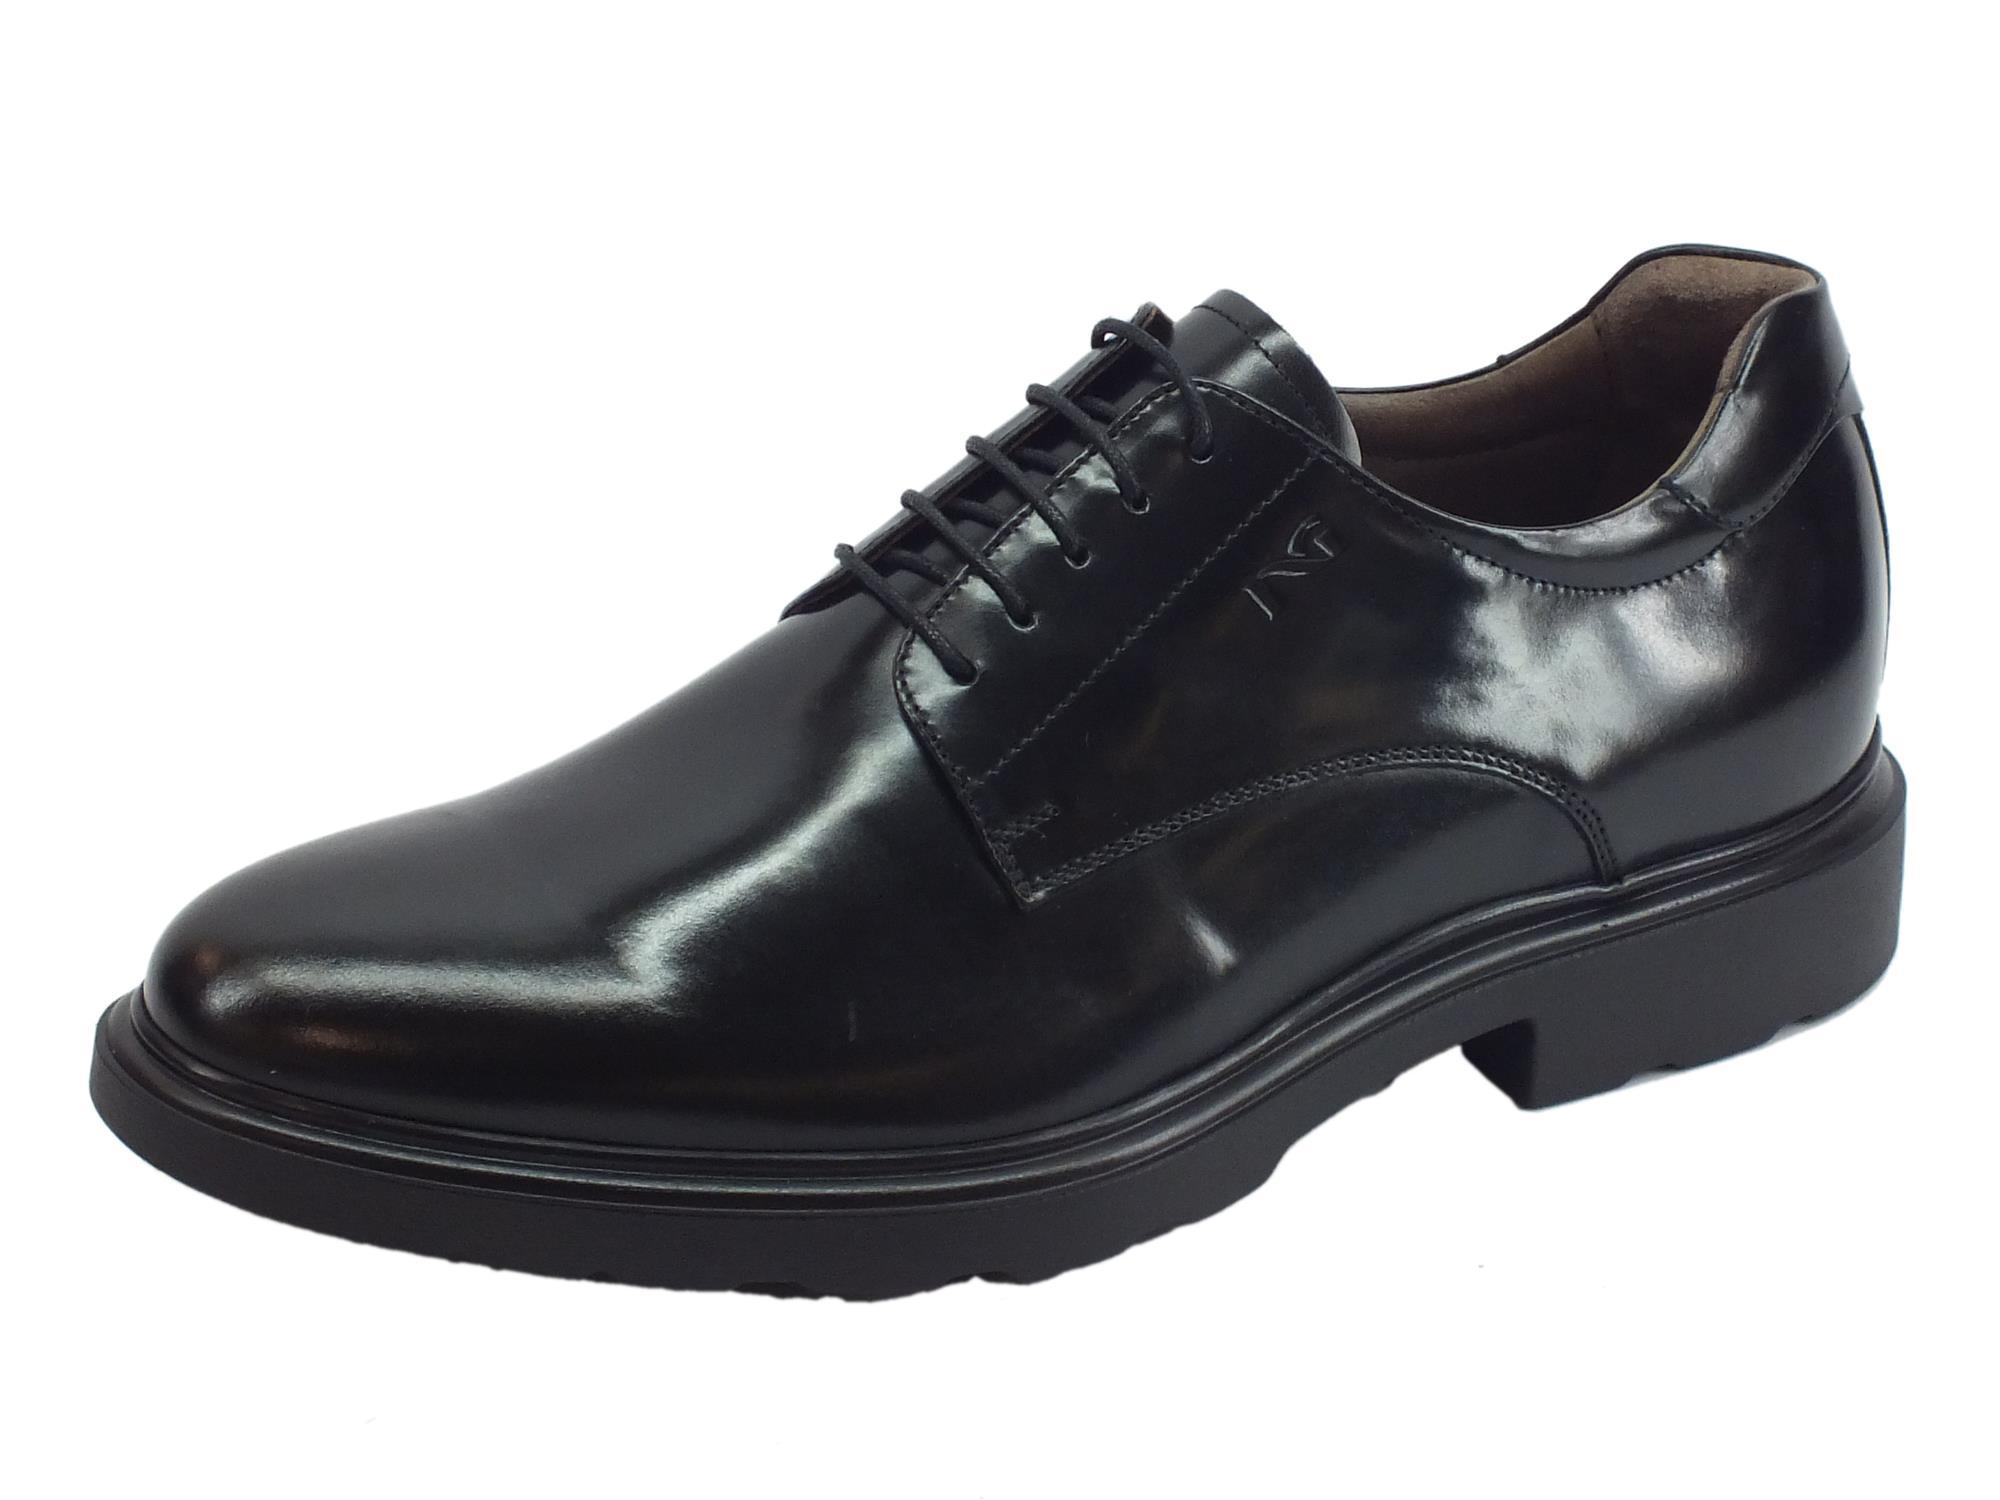 Scarpe NeroGiardini per uomo in pelle abrasivata nero modello classico 345943e716b